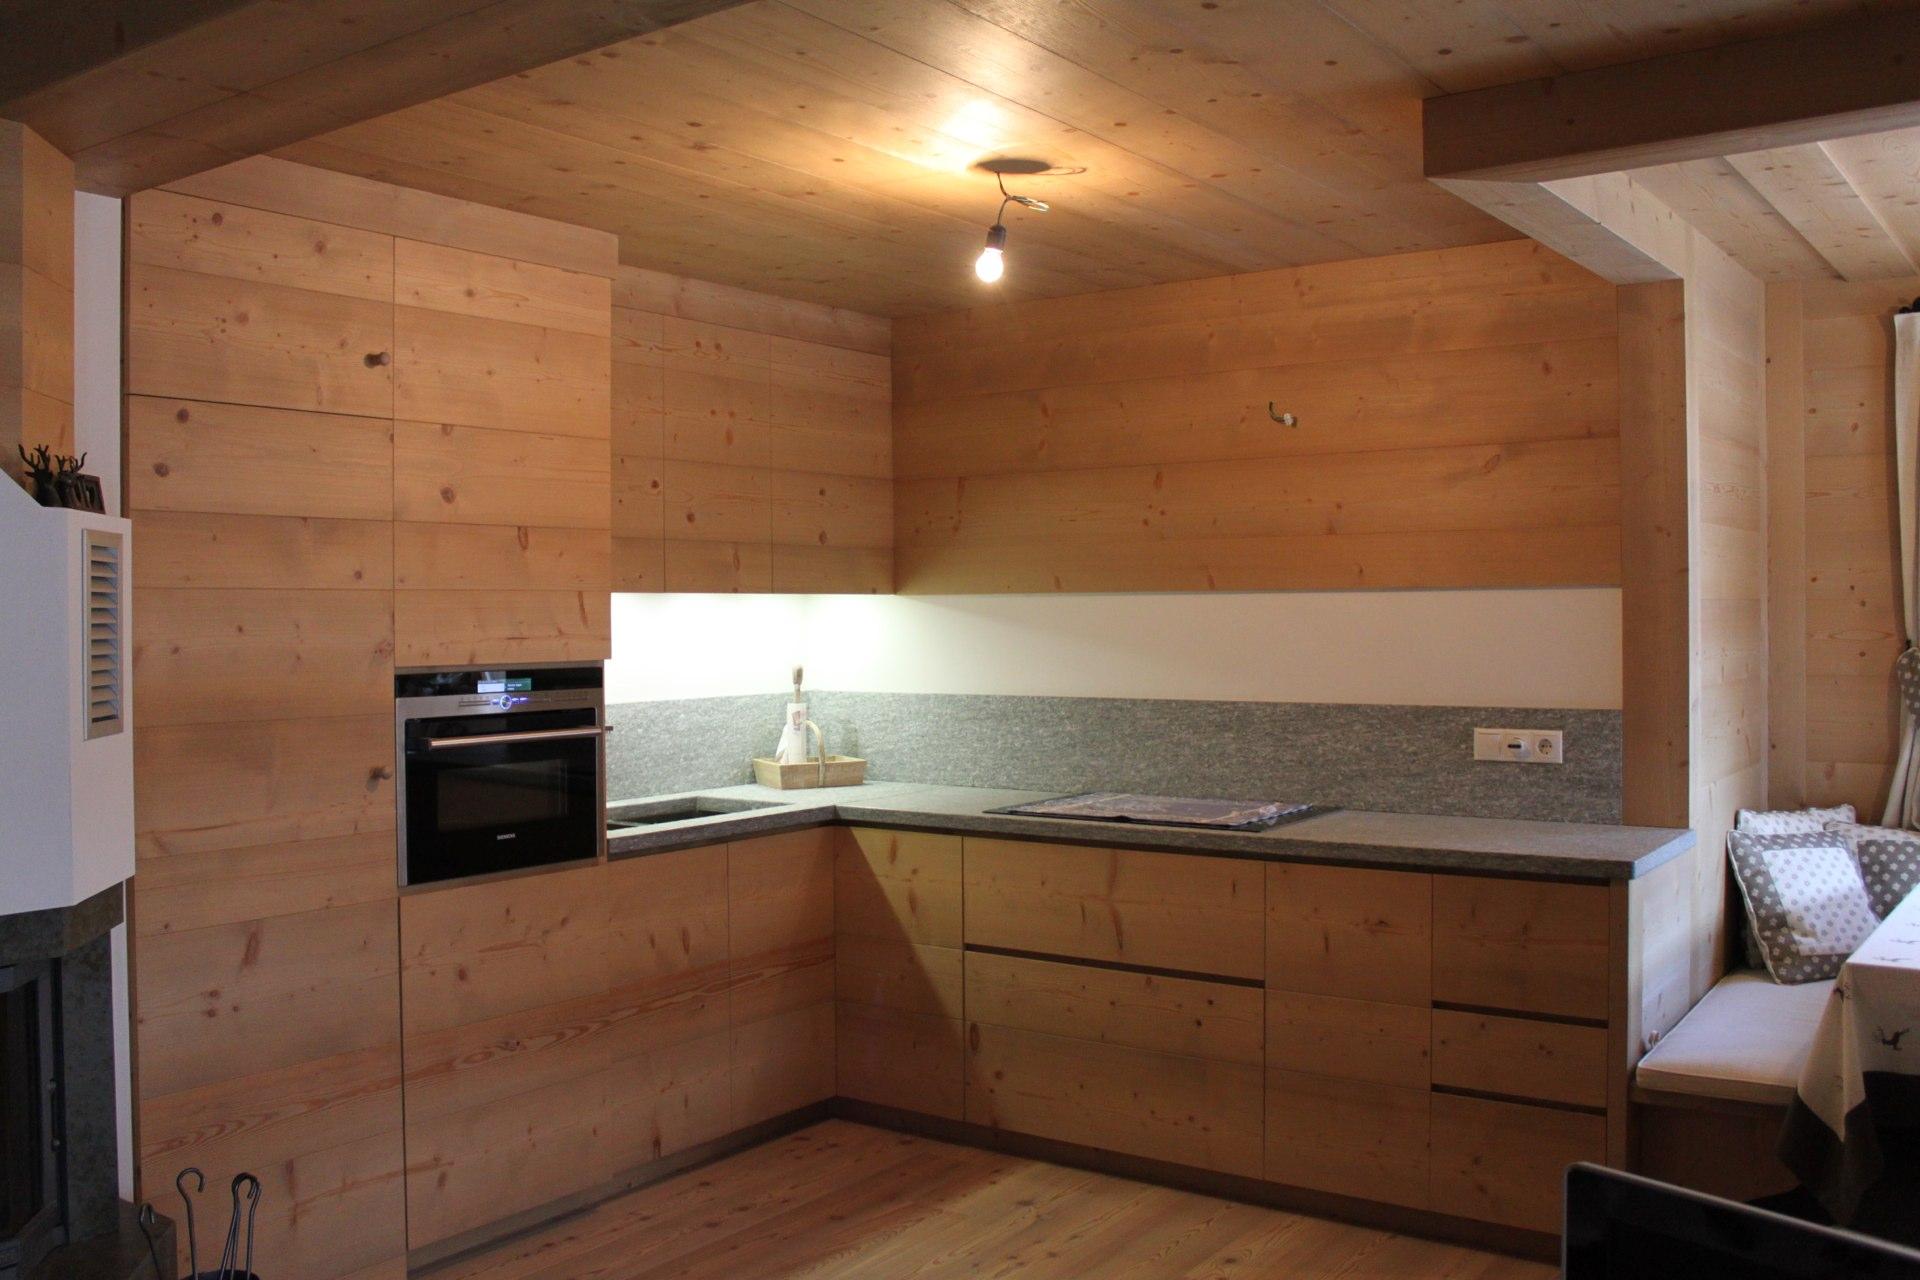 Cucine in legno bariza l 39 amore per la vita inizia a tavola - Cucine in legno chiaro ...